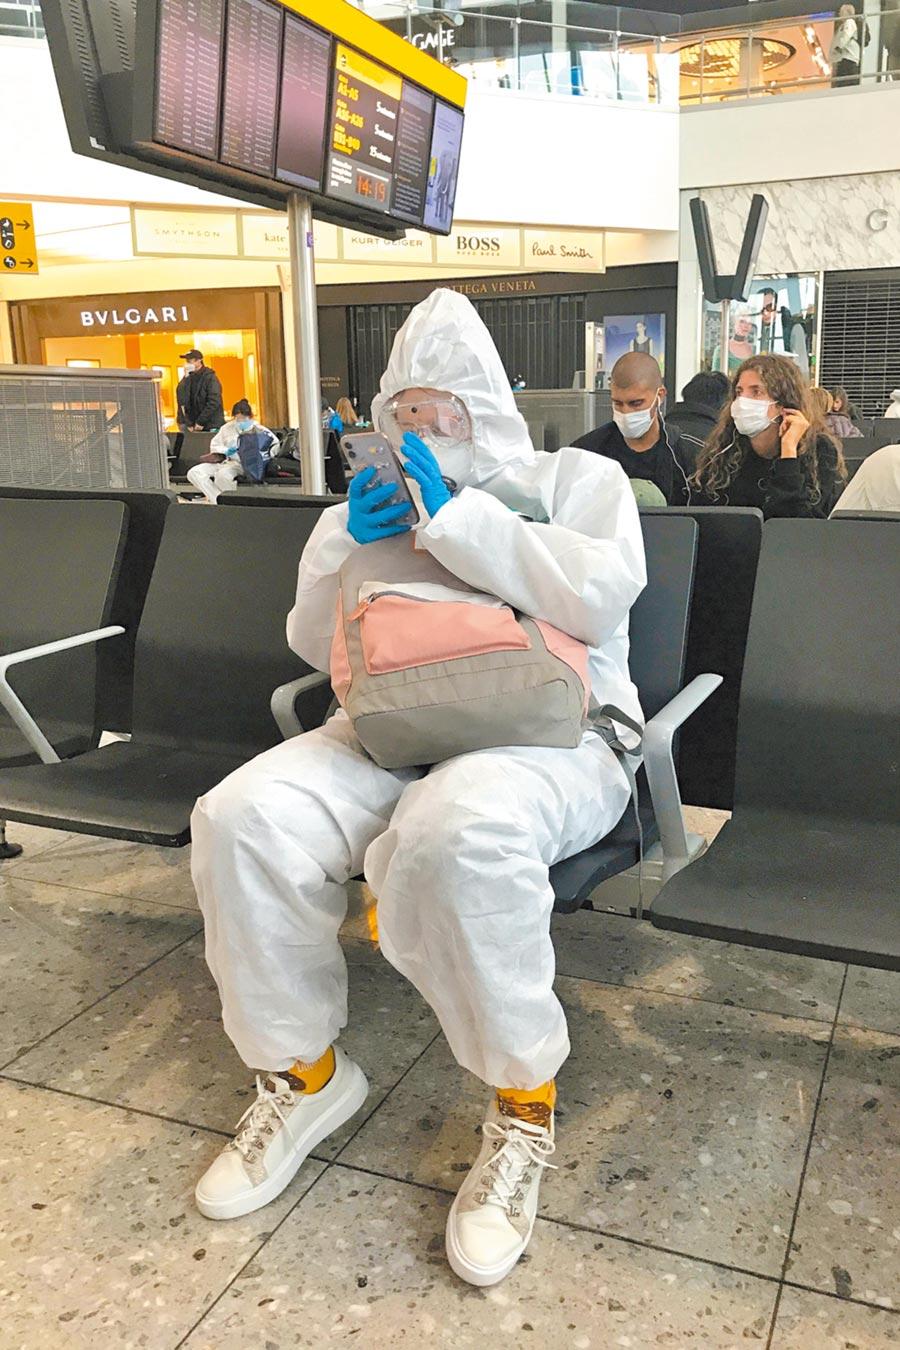 英國確診破3000例,疫情較嚴重的倫敦關閉部分地鐵站。(路透)